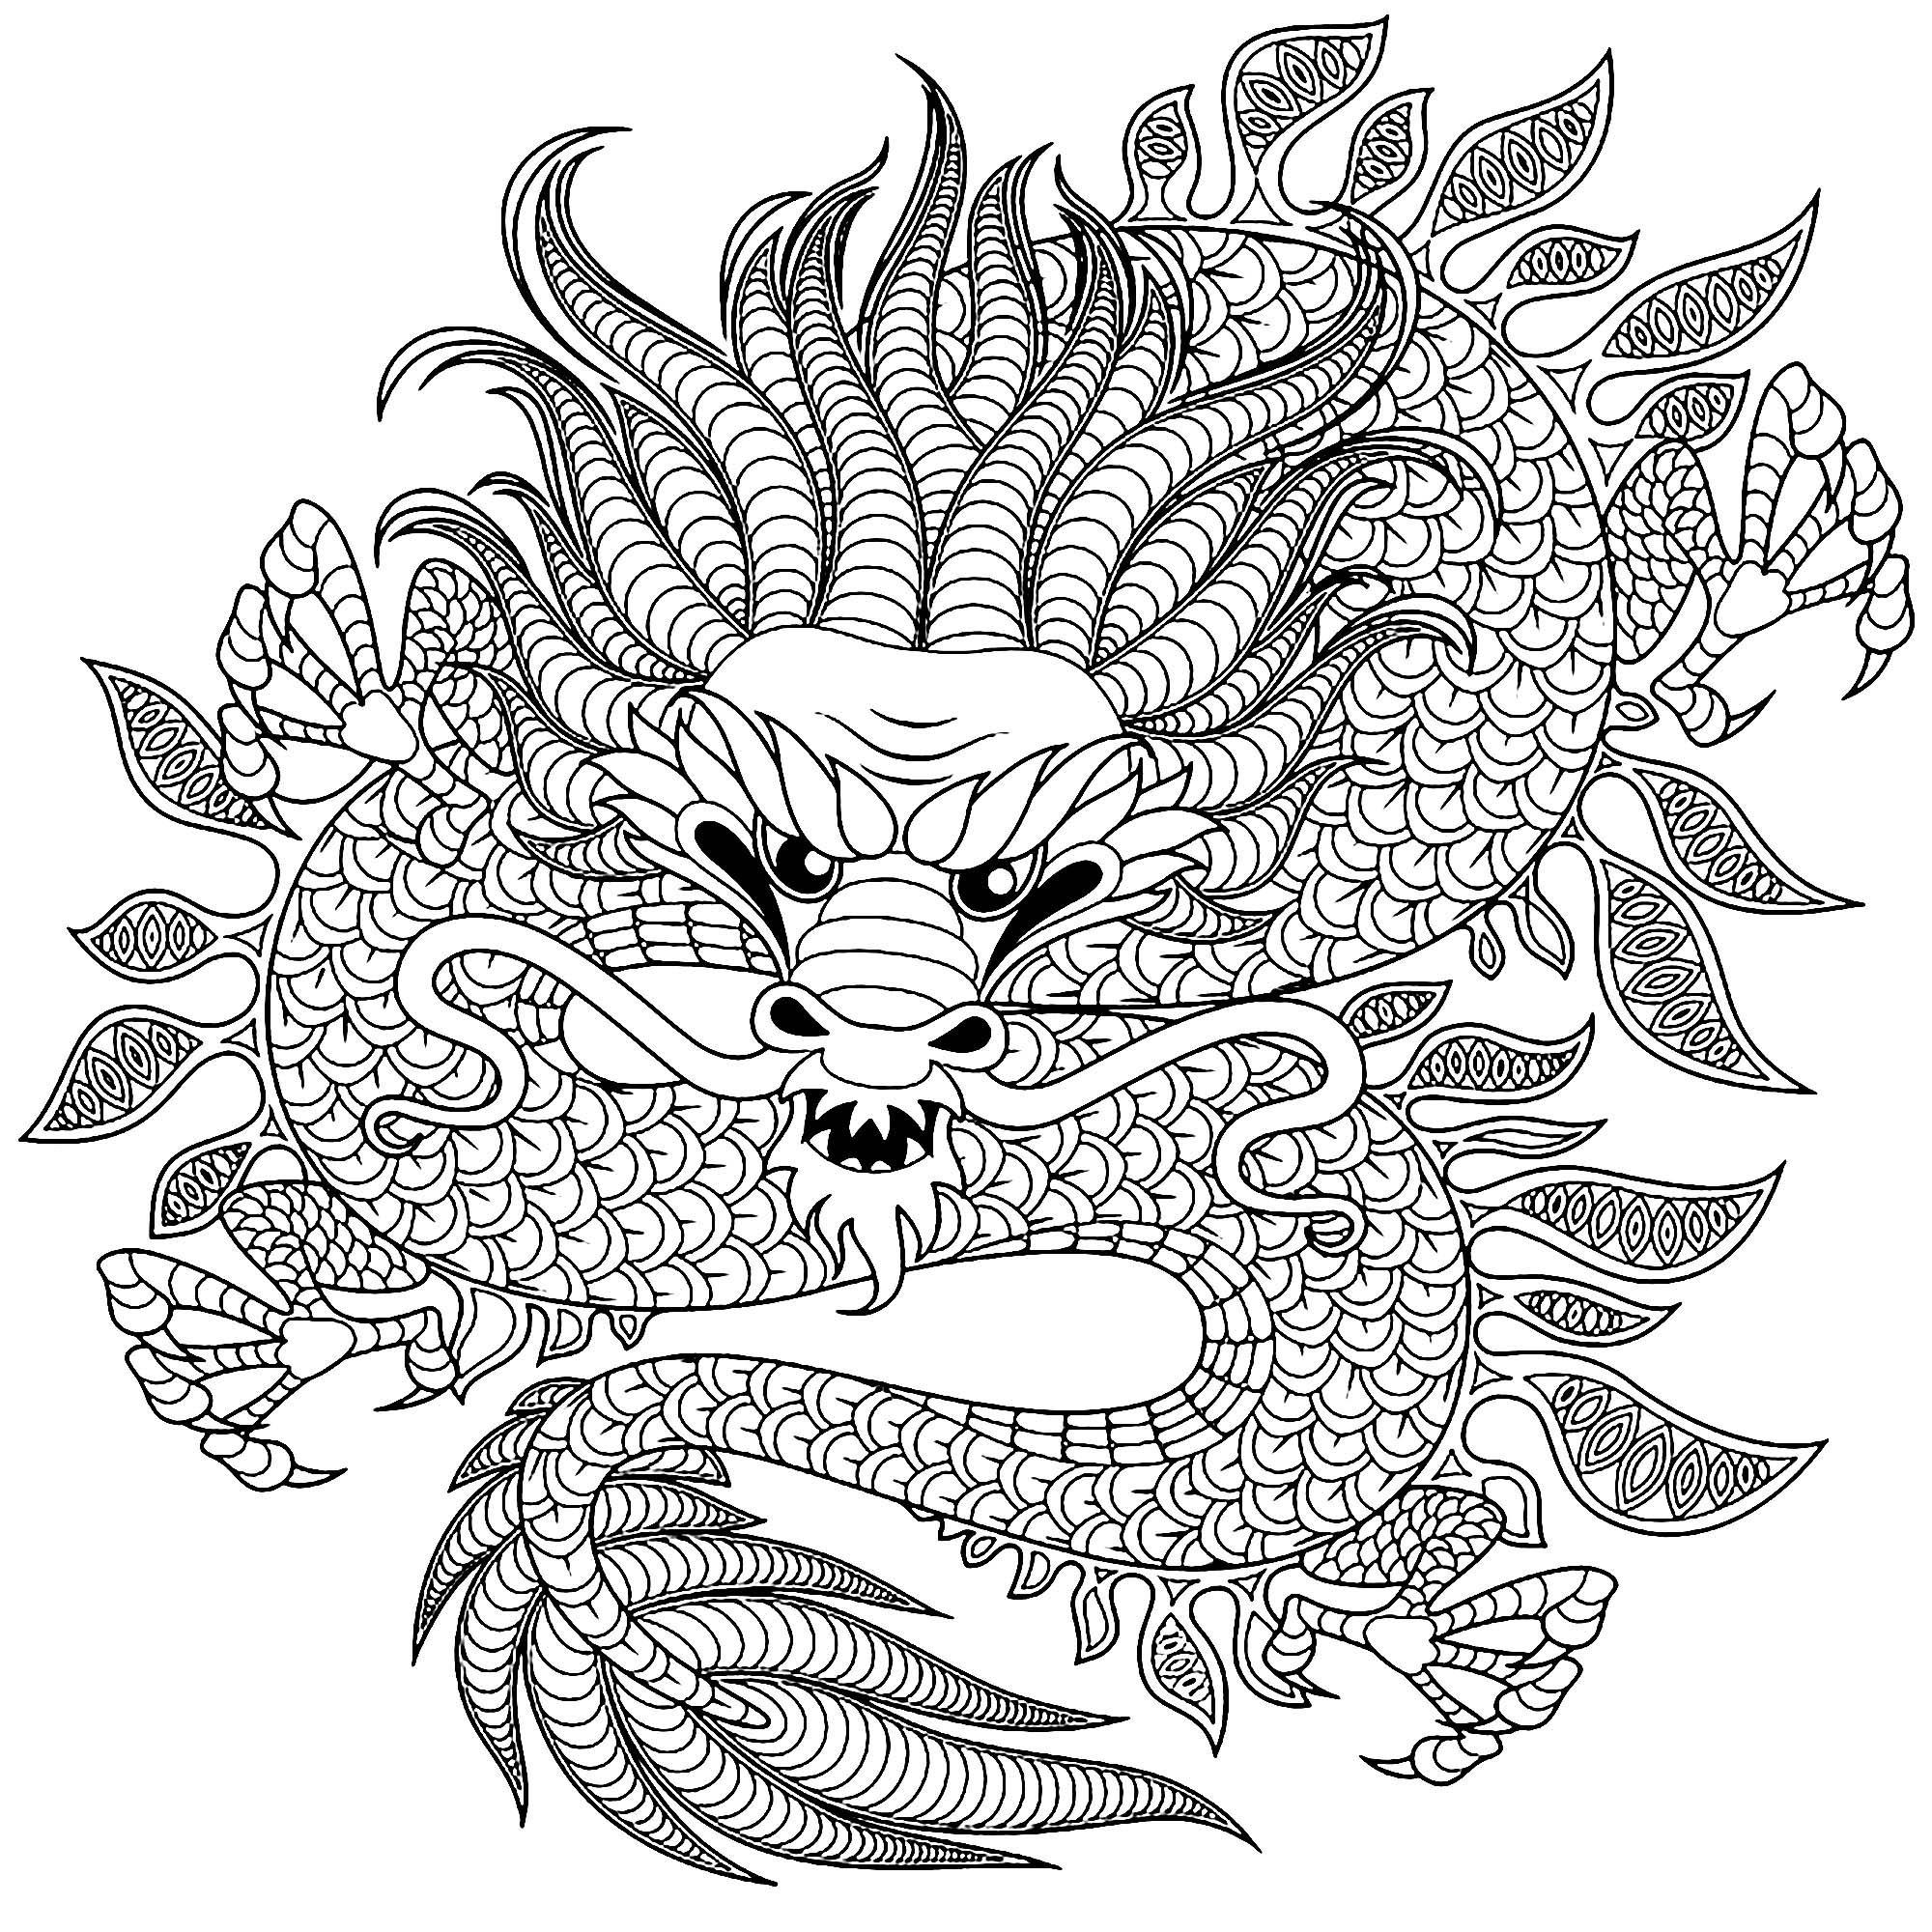 Dragones 65596 - Dragones - Just Color : Colorear para adultos